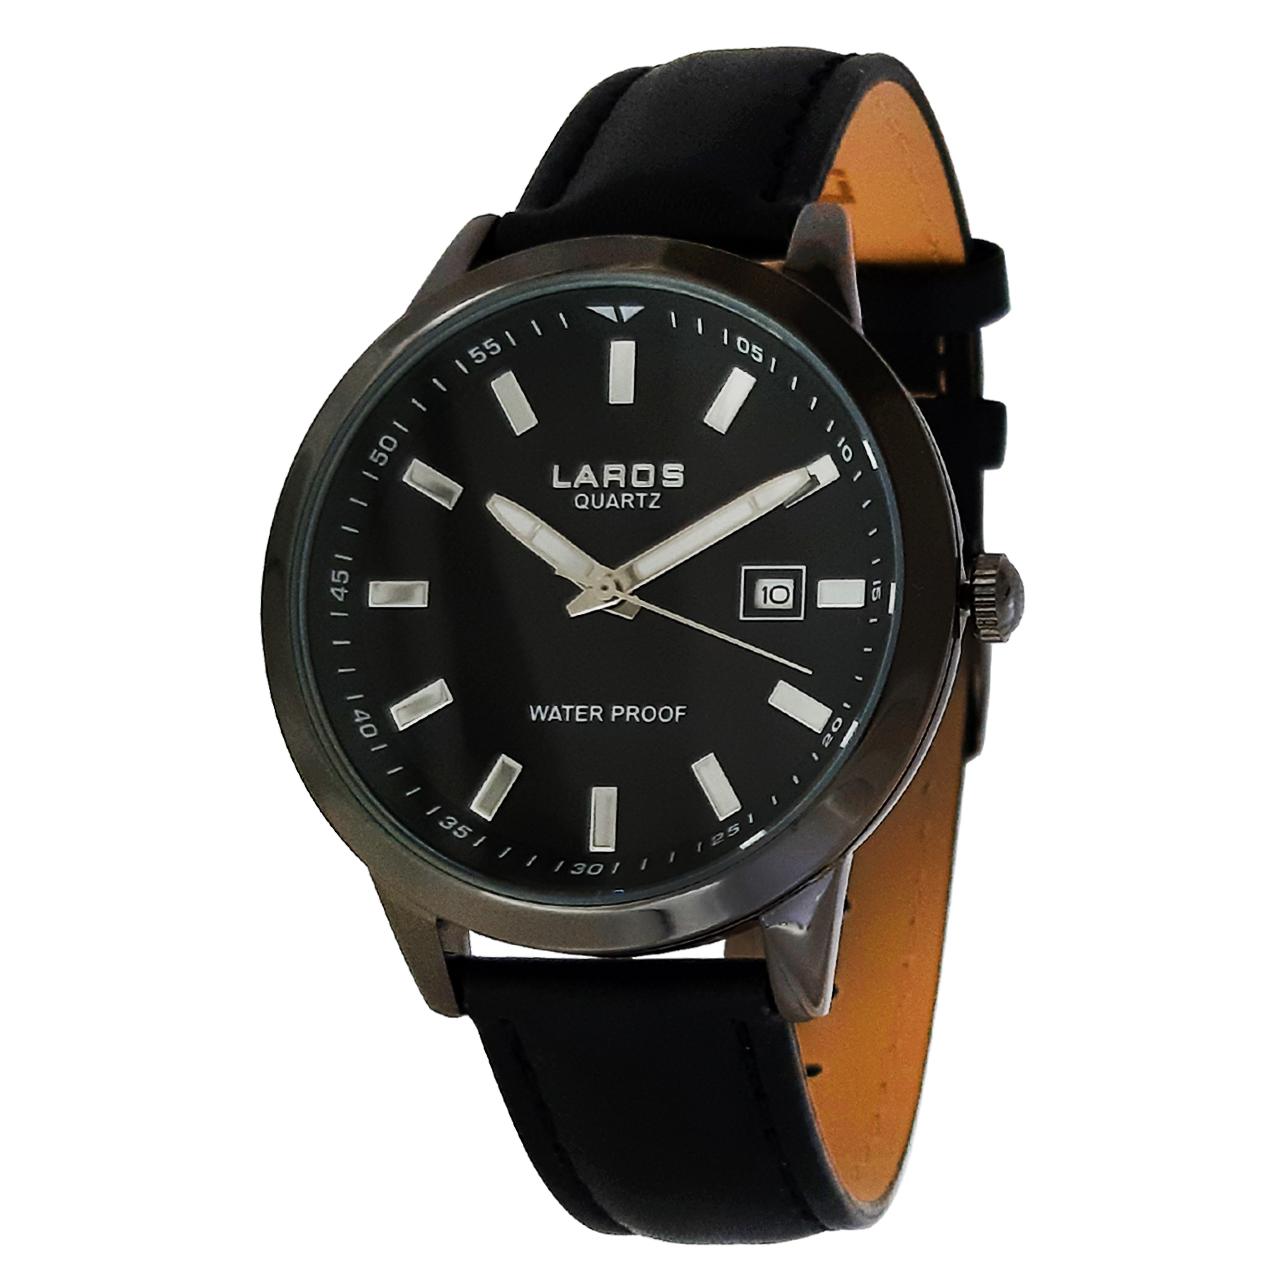 ساعت مچی عقربه ای مردانه لاروس مدل 1116-79949-s-d به همراه دستمال مخصوص برند کلین واچ 26